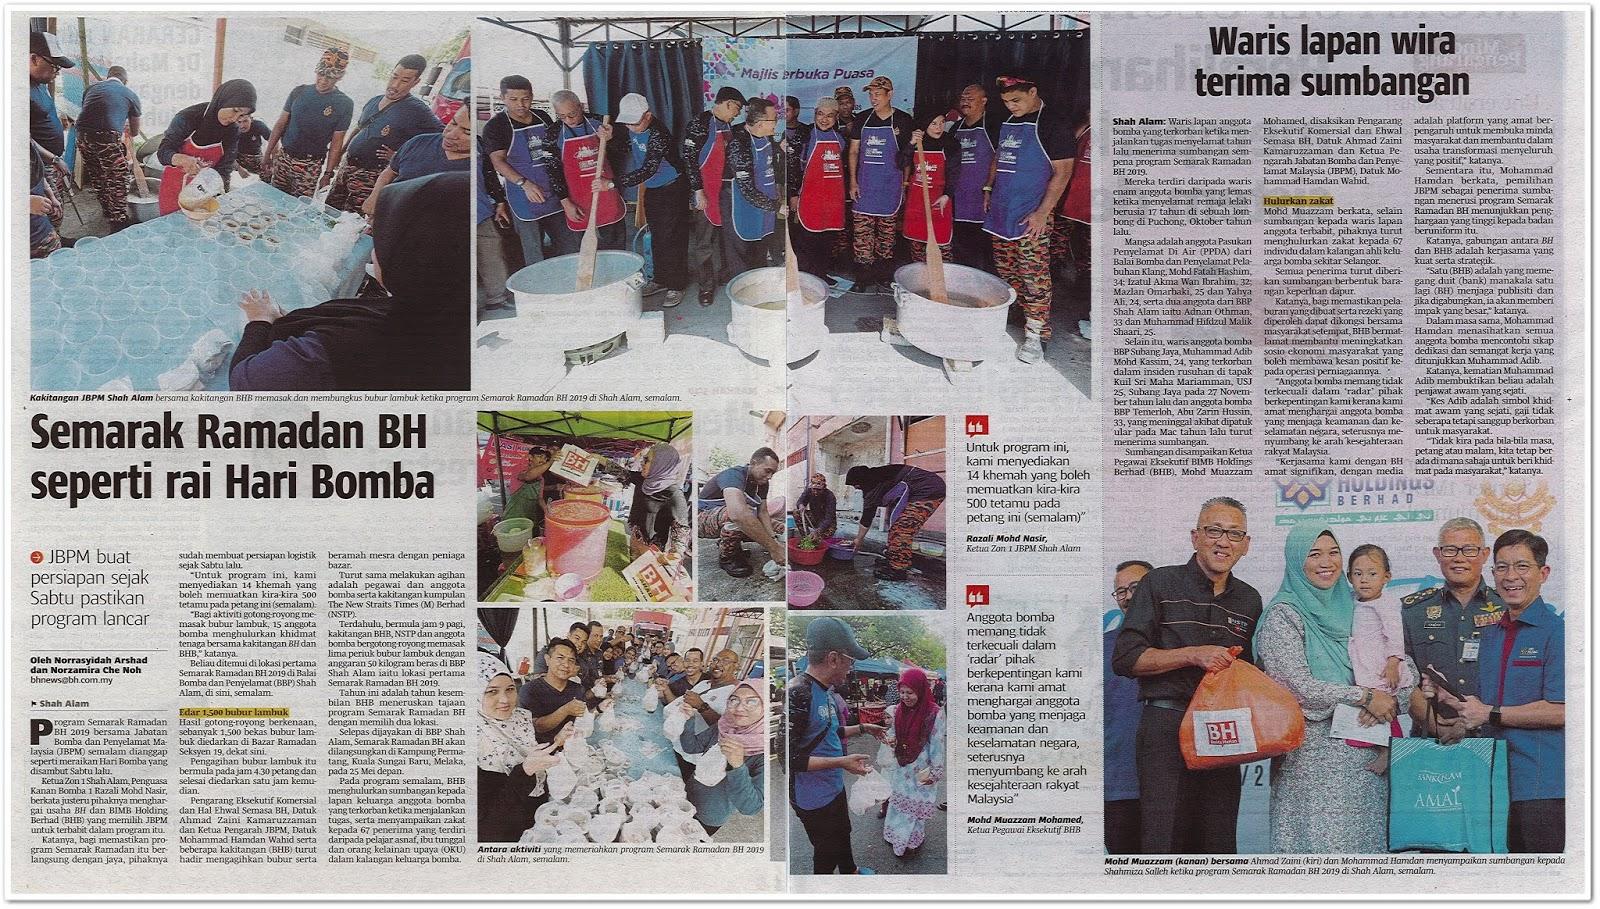 Semarak Ramadhan BH seperti rai Hari Bomba - Keratan akhbar Berita Harian 8 Mei 2019